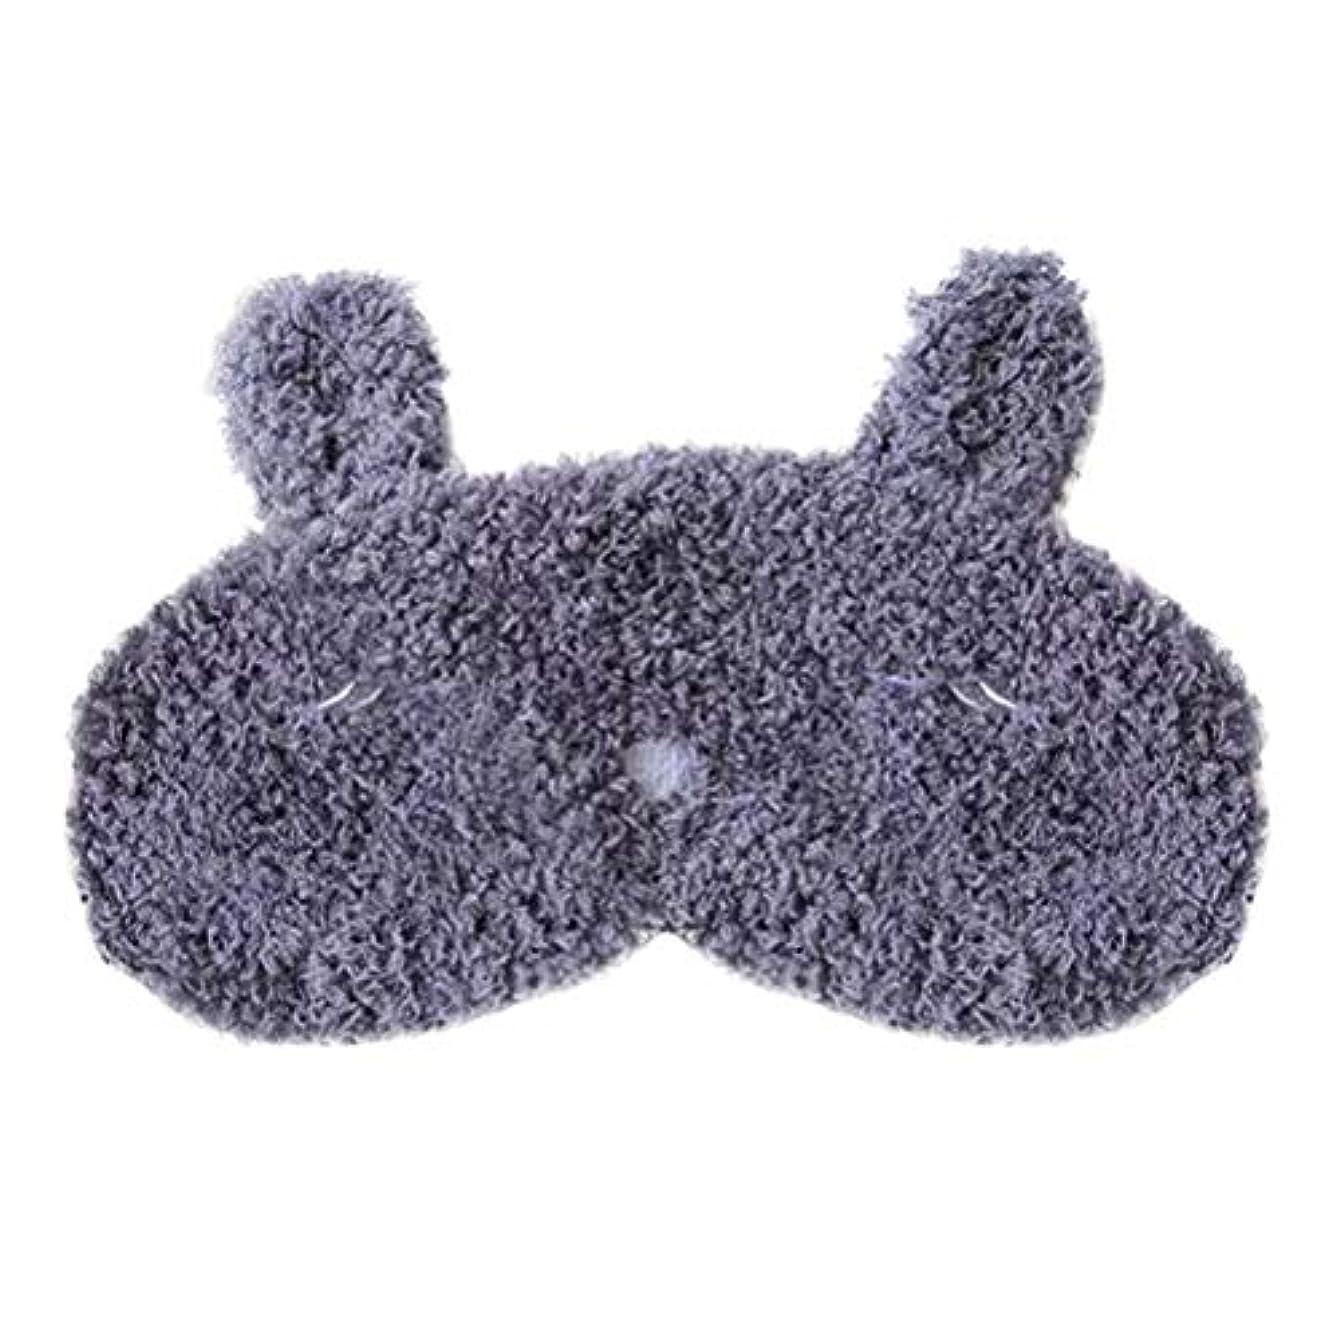 不規則性穴シダHEALIFTY かわいいアイマスクアイシェッドカーネーションアイマスクウサギのキャットアイパッチ(睡眠ニップ(ネイビー)